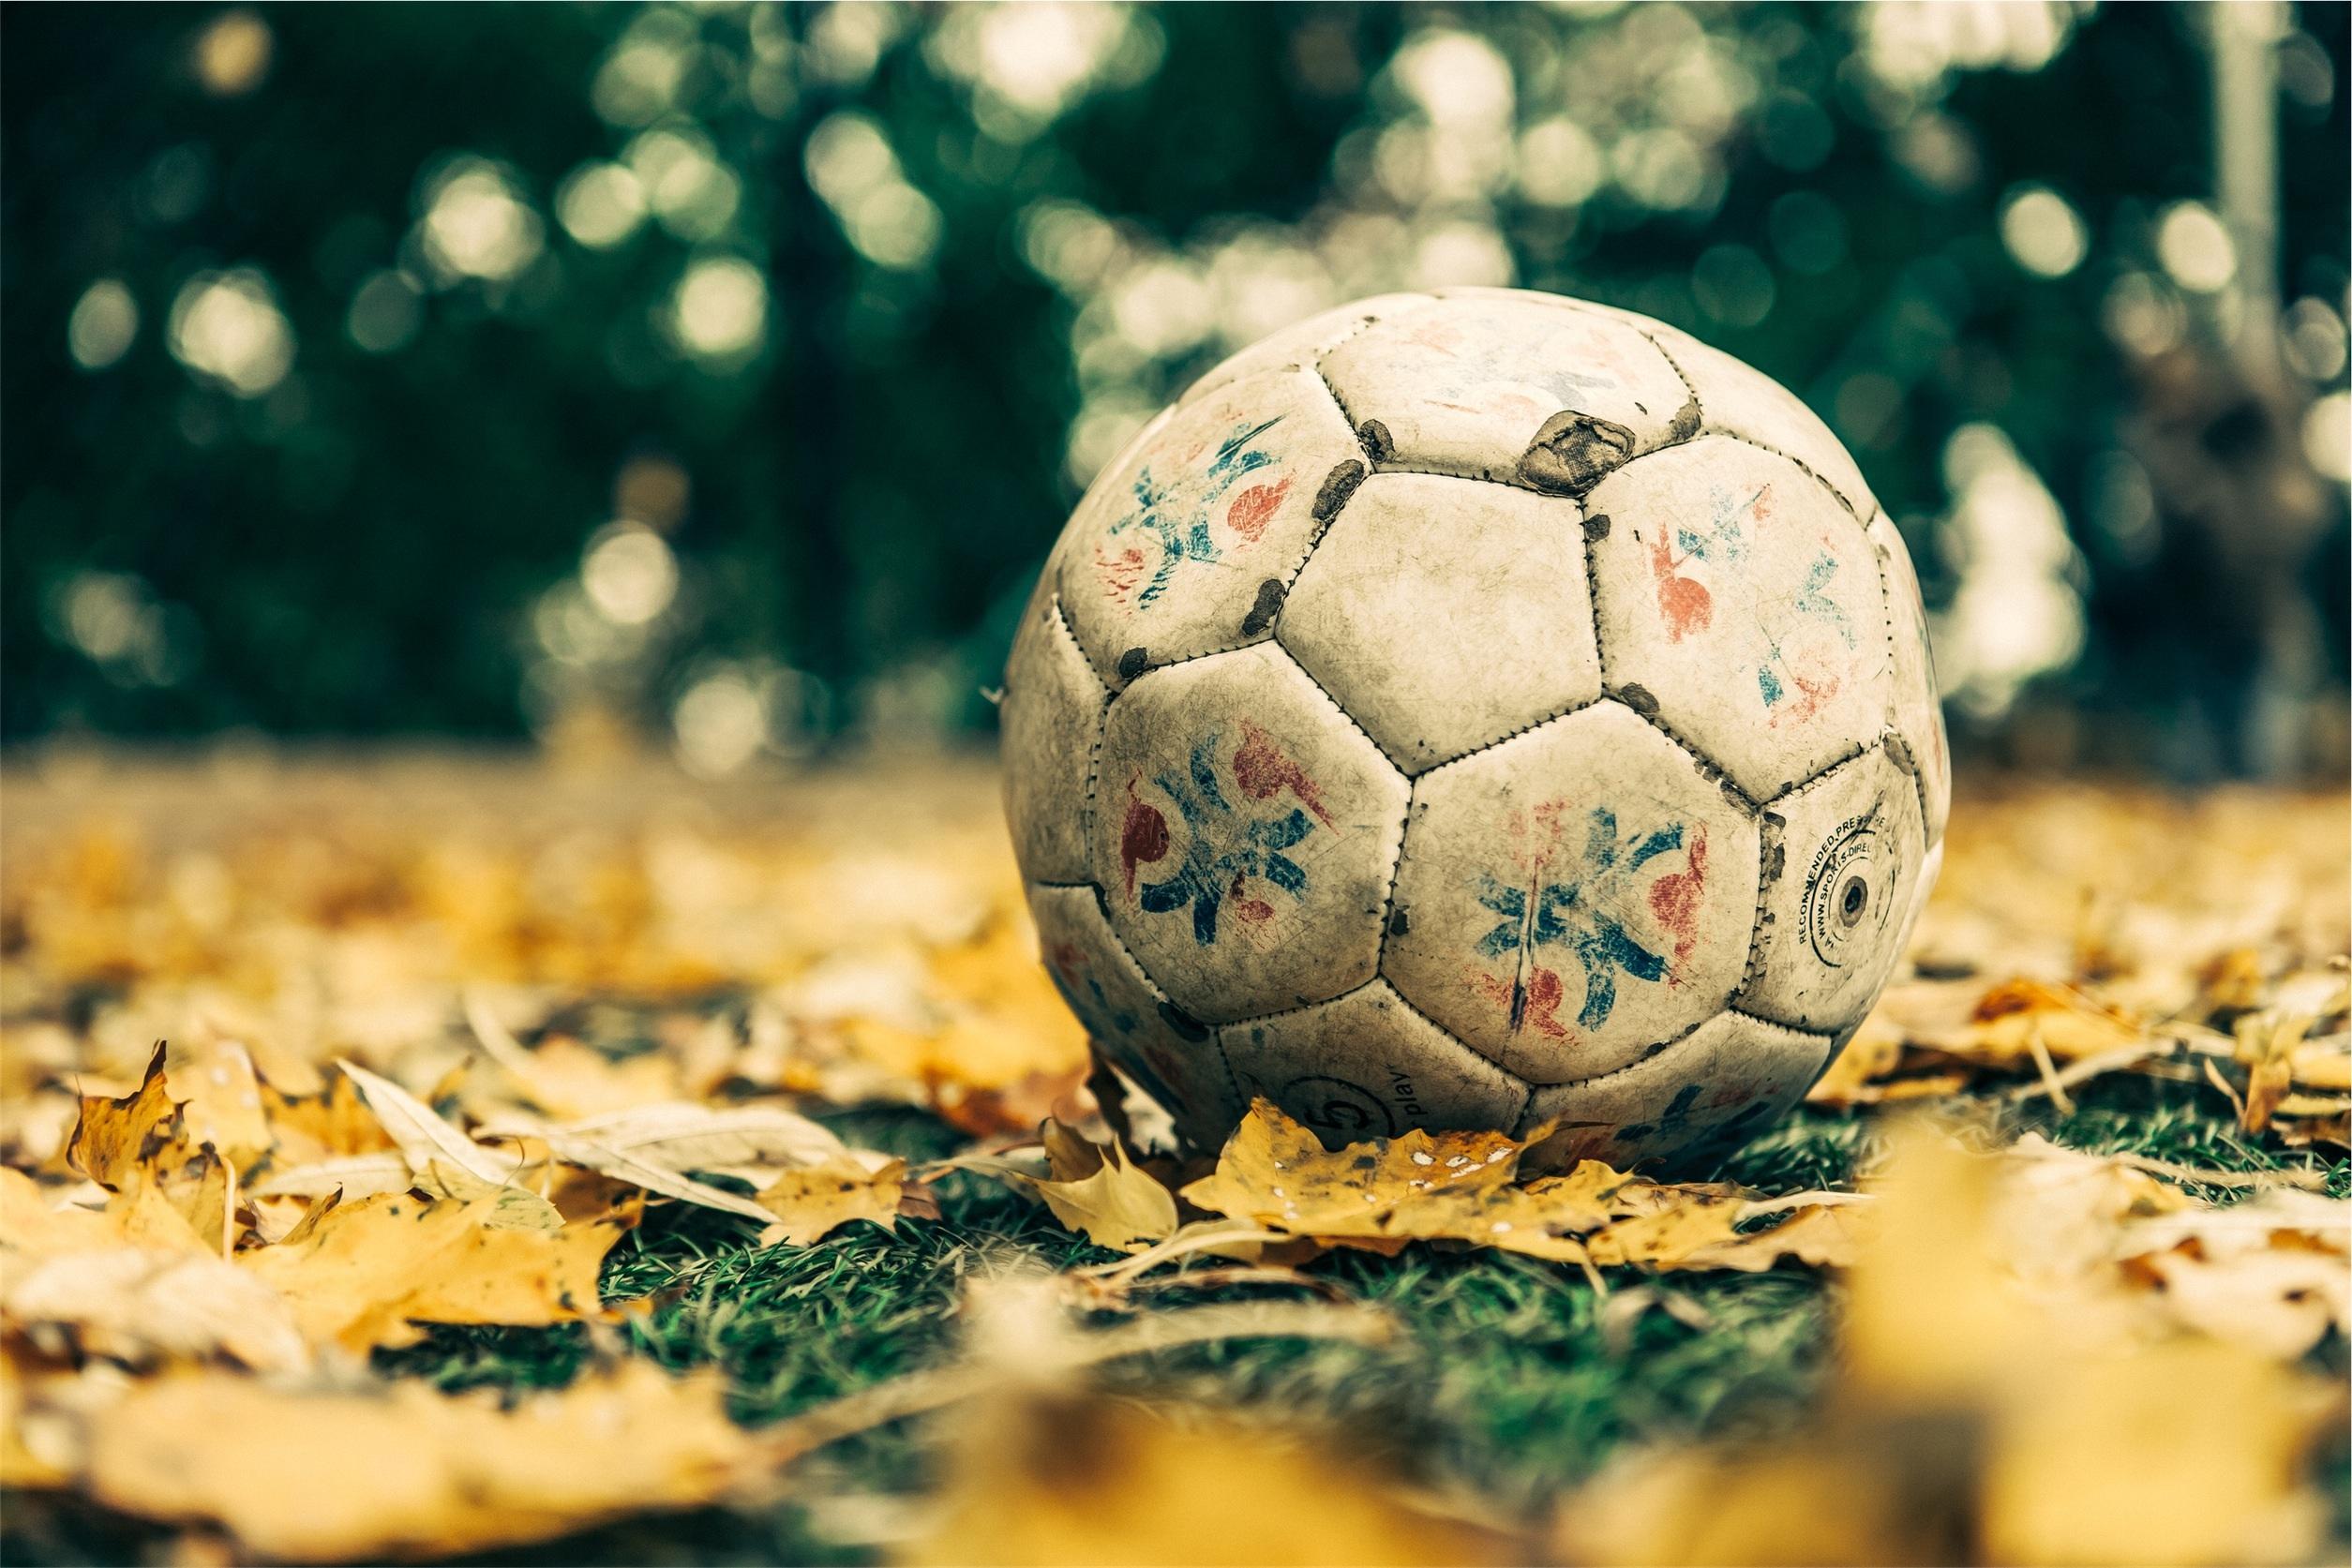 μπαλόνι, Ποδόσφαιρο, φύλλα, γκαζόν, γρασίδι, μπάλα - Wallpapers HD - Professor-falken.com